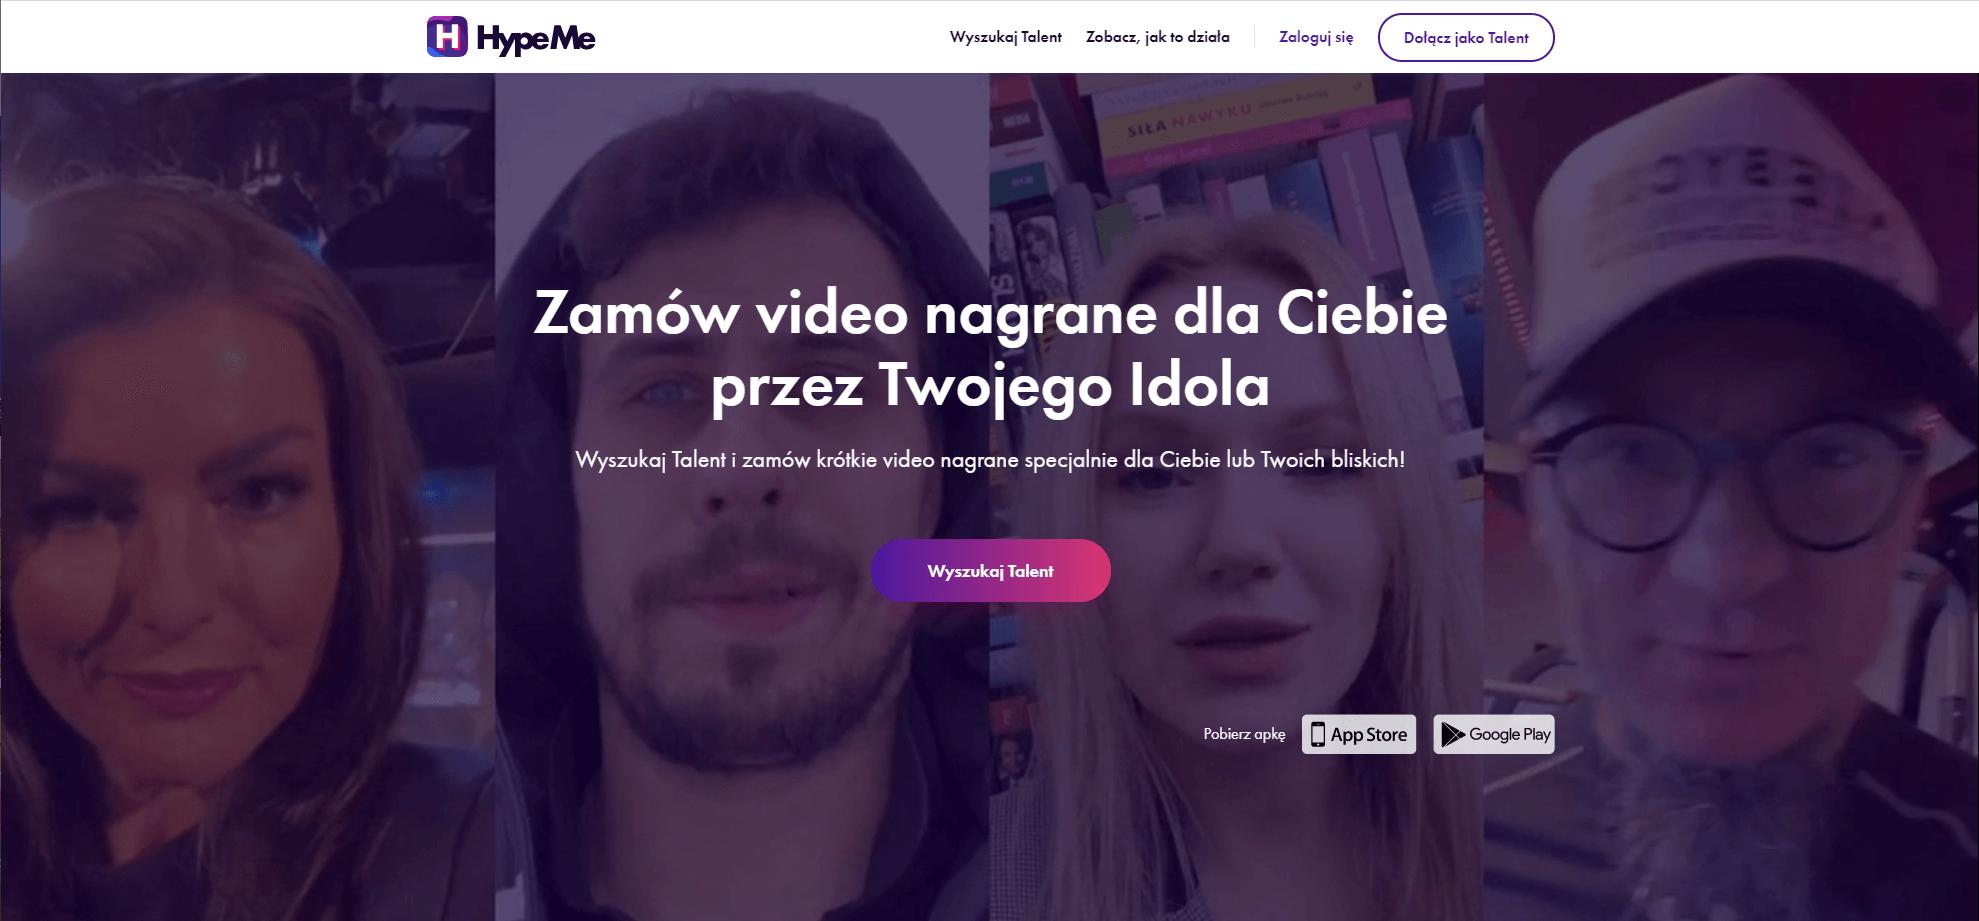 HypeMe